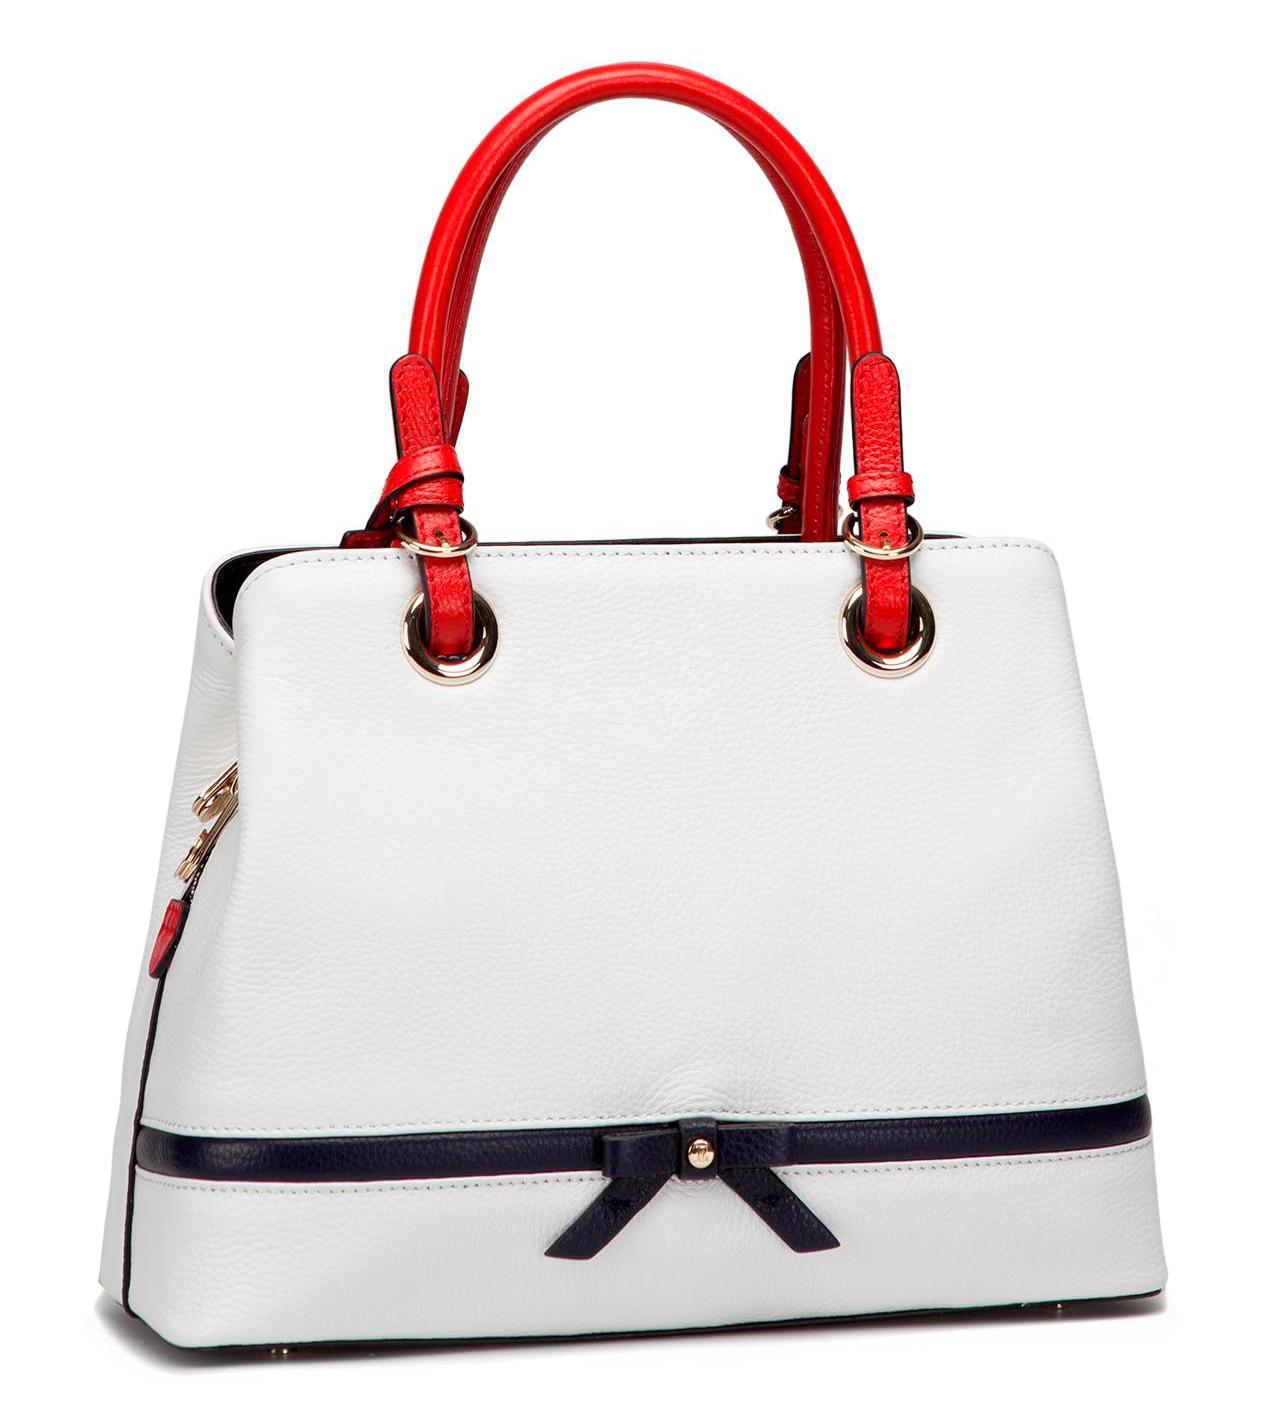 2af9753c2b9c Сумка женская Eleganzza | Сумки женские - Купить сумки женские в ...